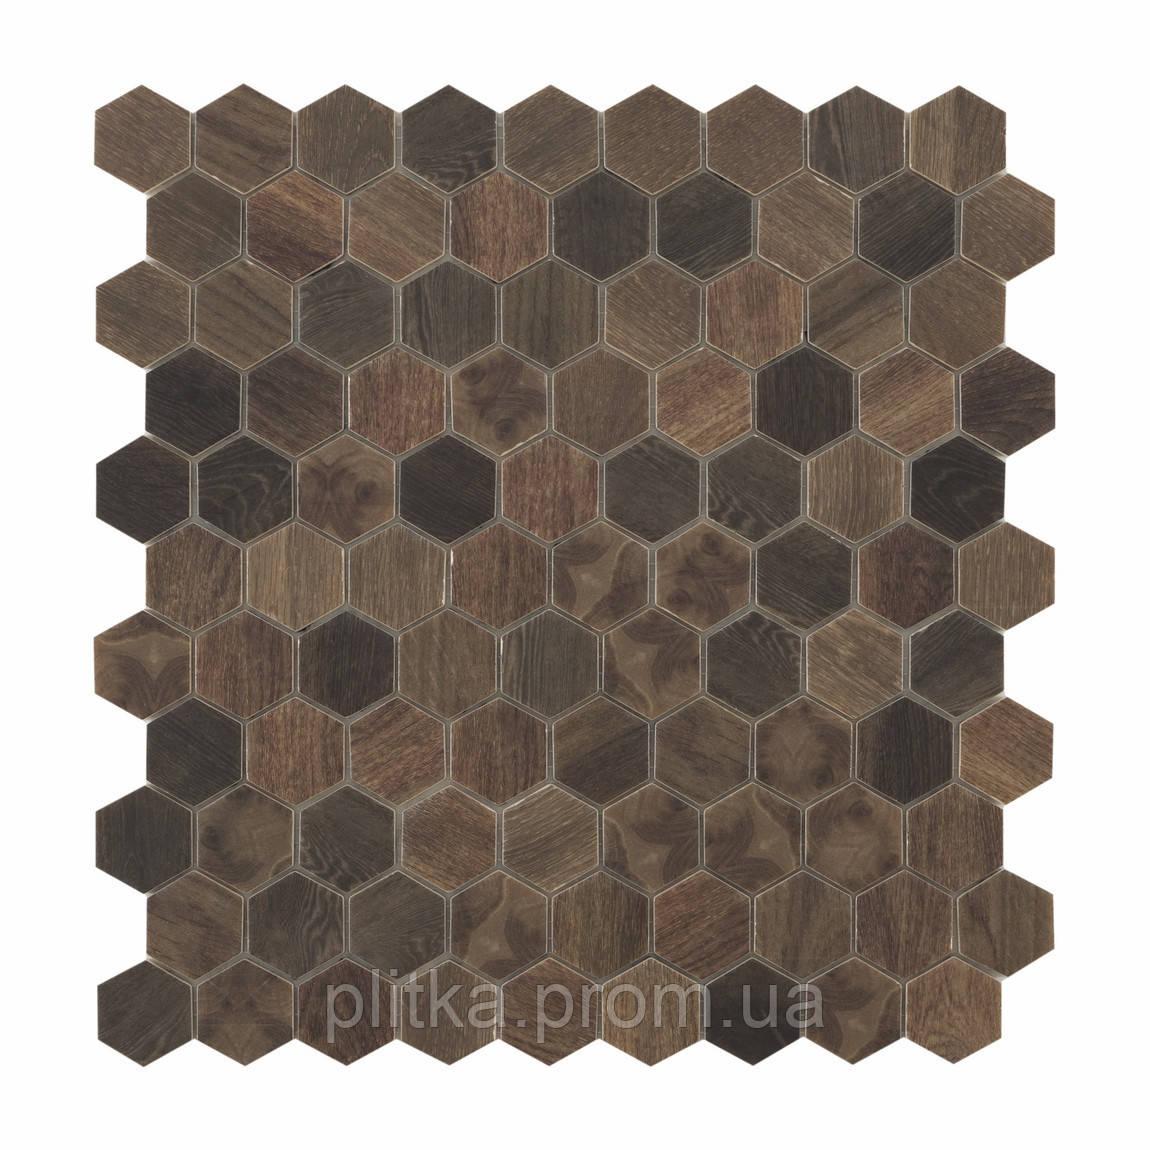 Мозаїка Honey Royal Dark 4701 31,5*31,5